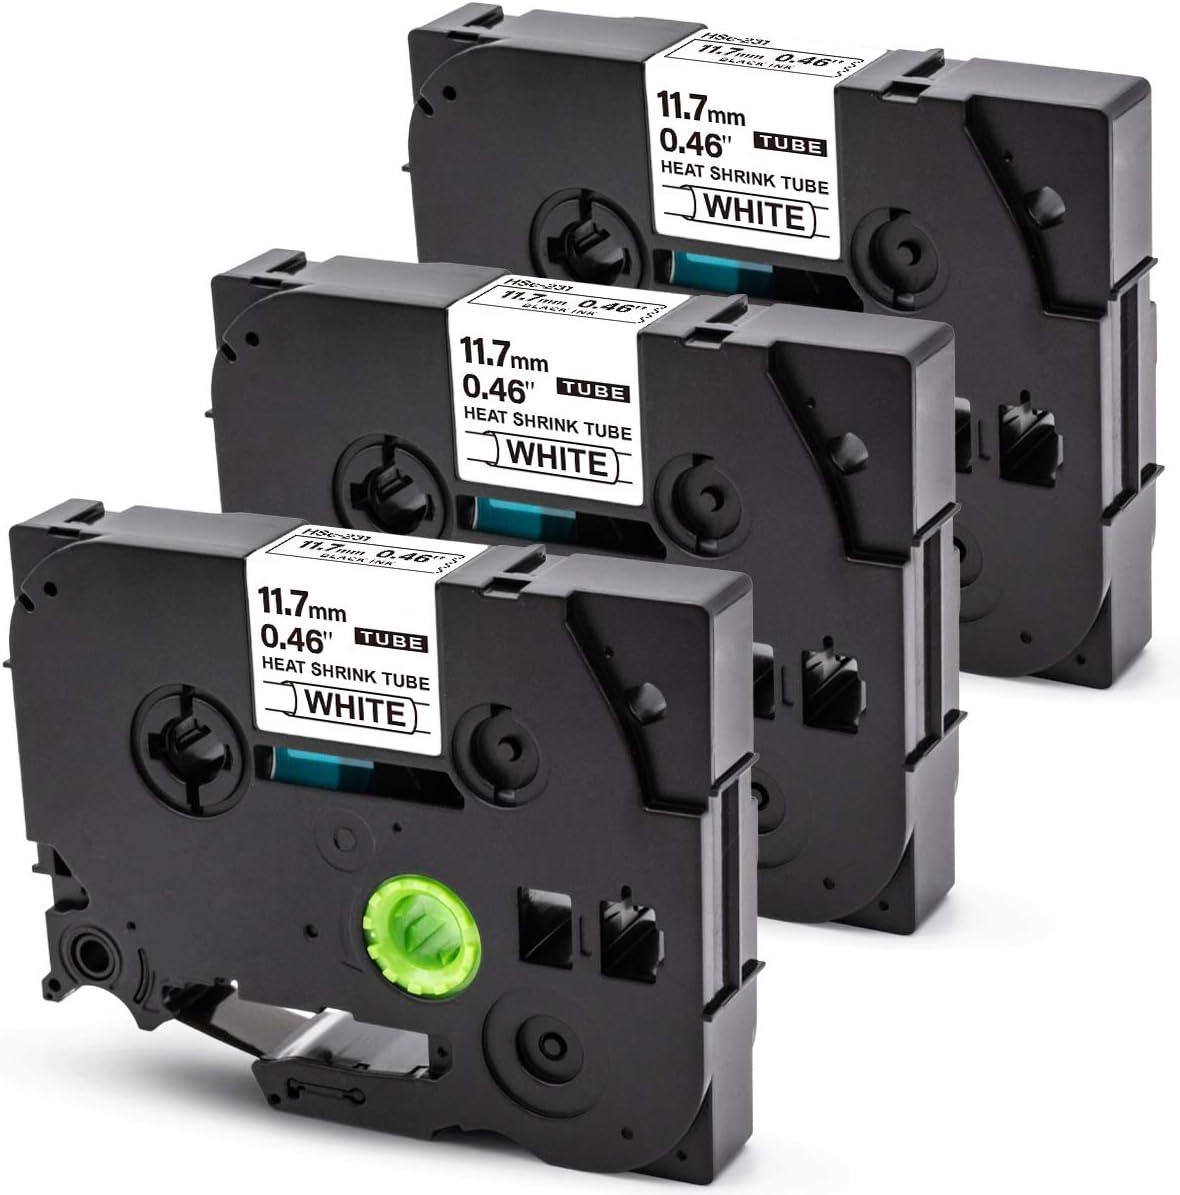 BT 3x Rubans d/étiquettes pour Tze Gaine Thermo Retractable Hse-231 11,7 mm x 1,5 m pour Brother P-Touch PT-E300 PT-E550W PT-E100 PT-H101C PT-D600VP PT-P750WP PT-1000 PT-H200 PT-H105 Noir sur Blanc